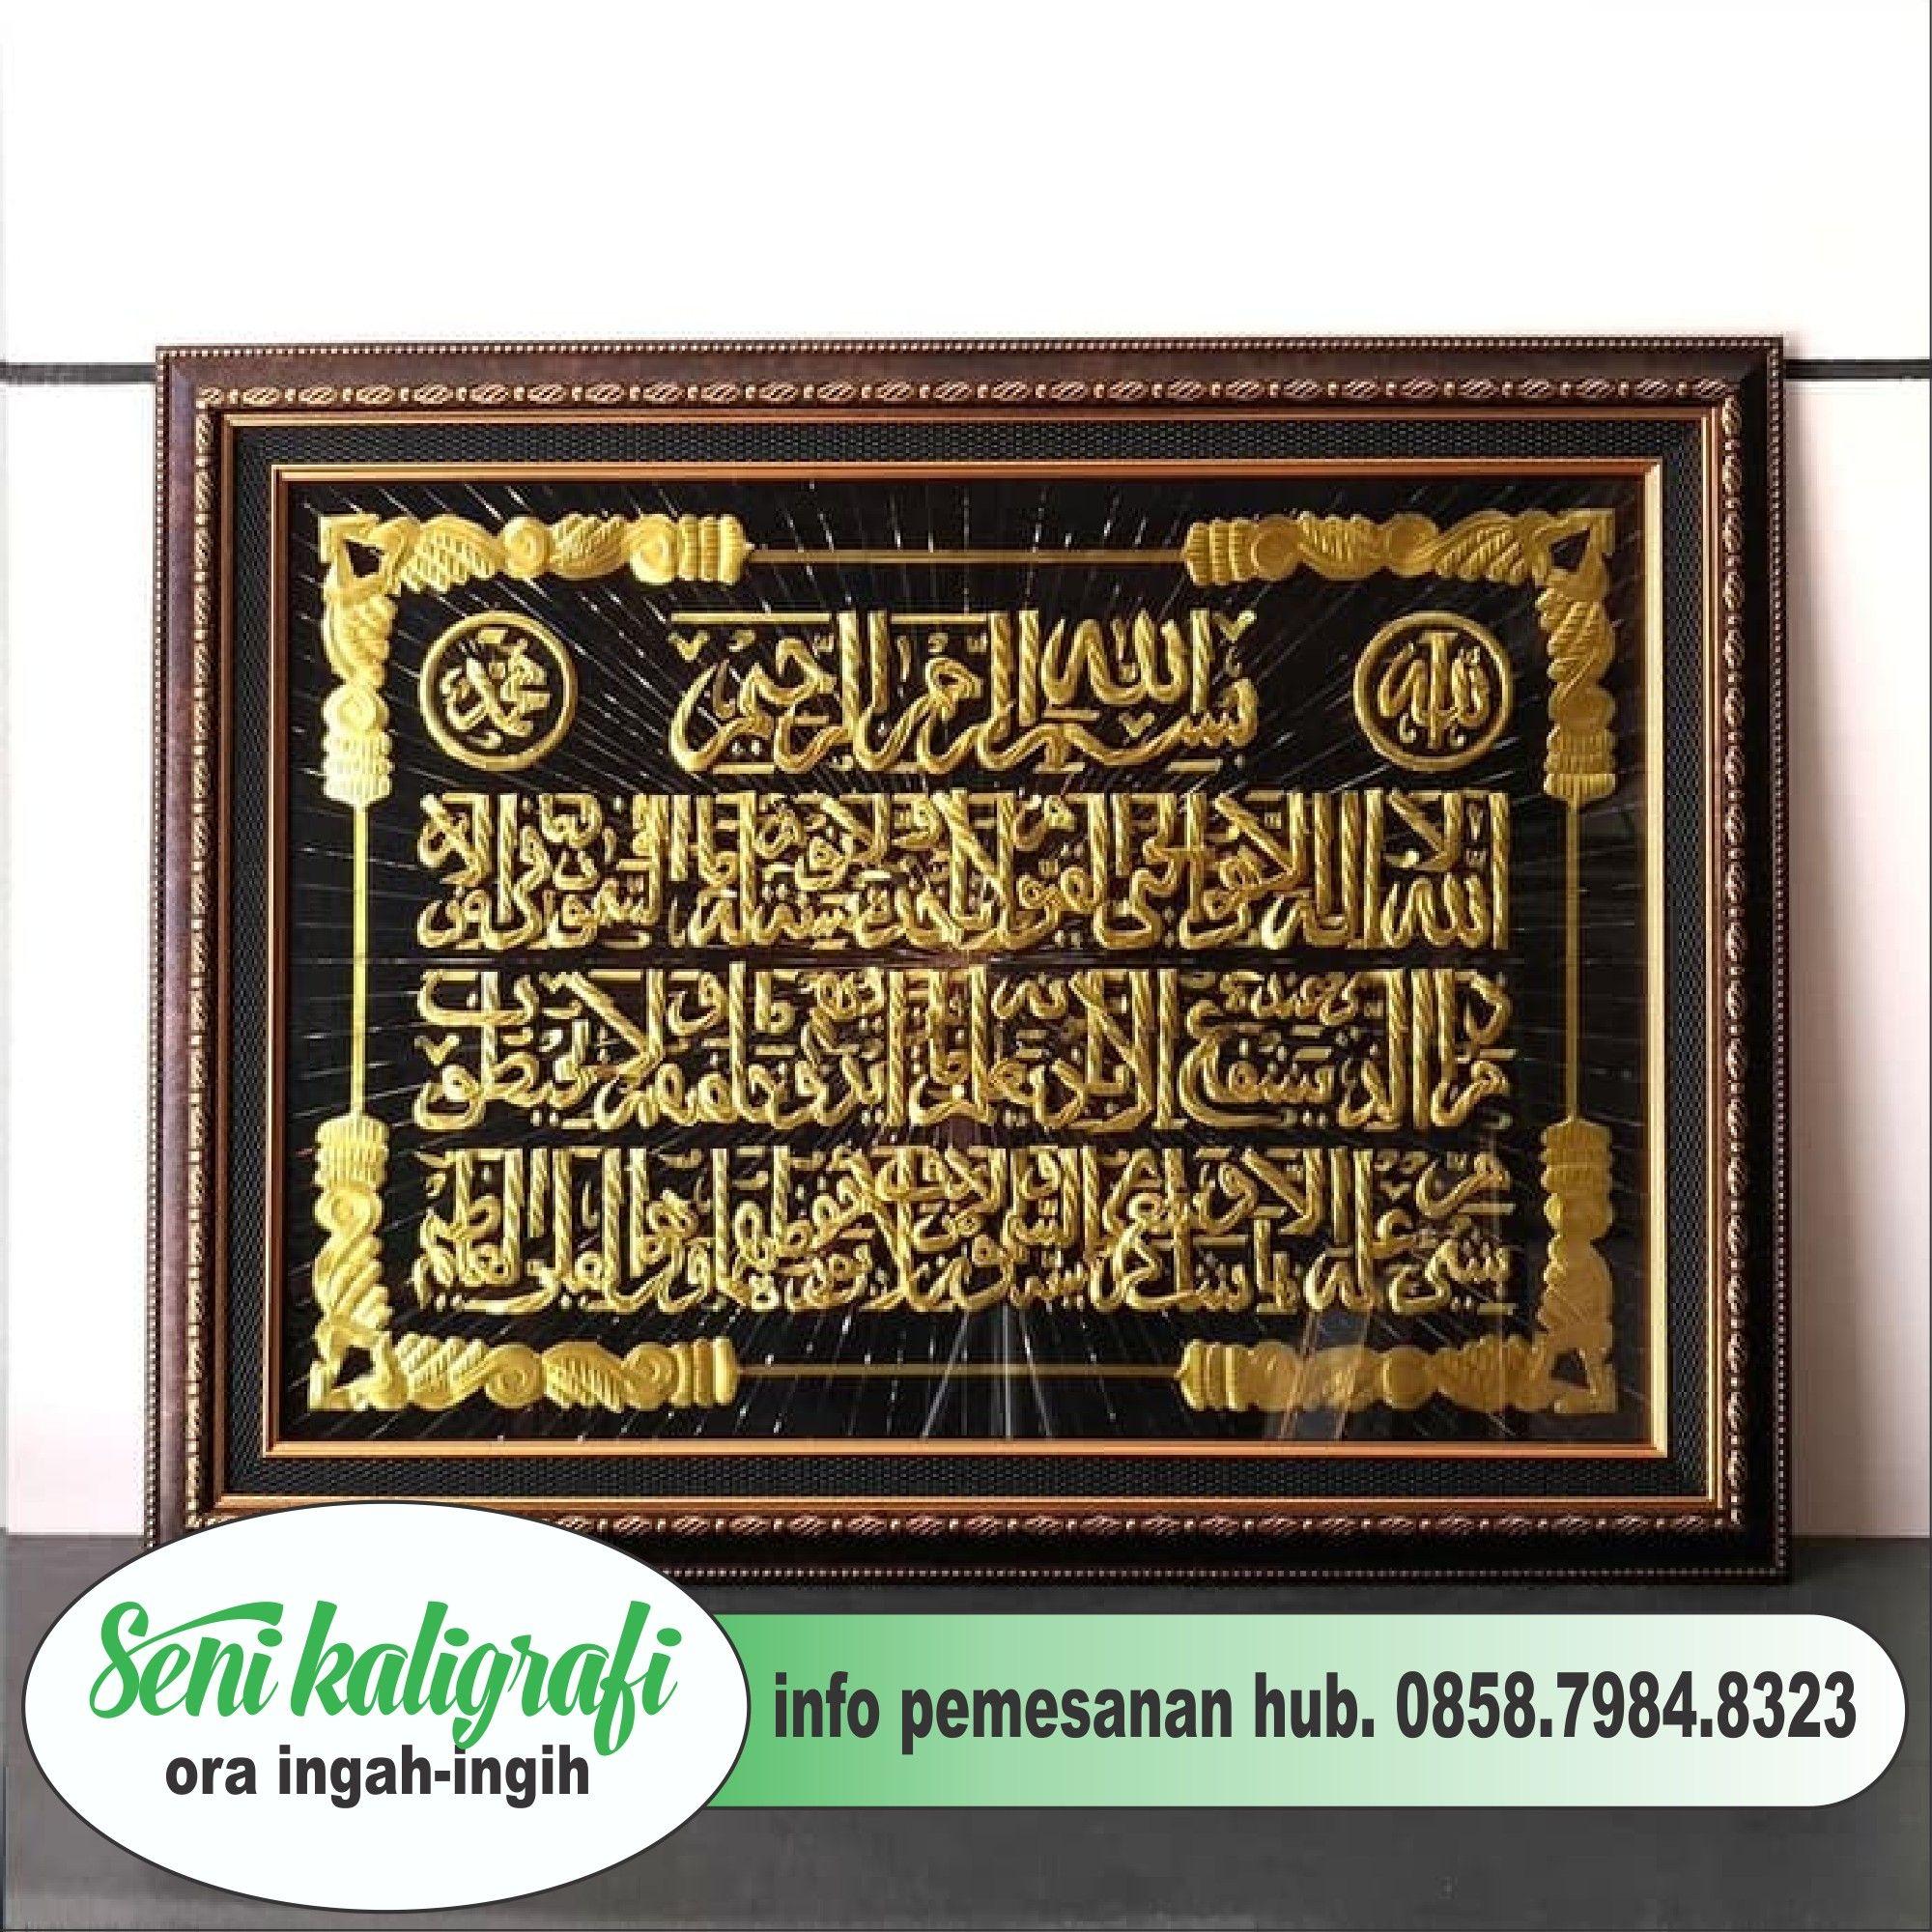 harga kaligrafi timbul, jual seni kaligrafi prada emas di